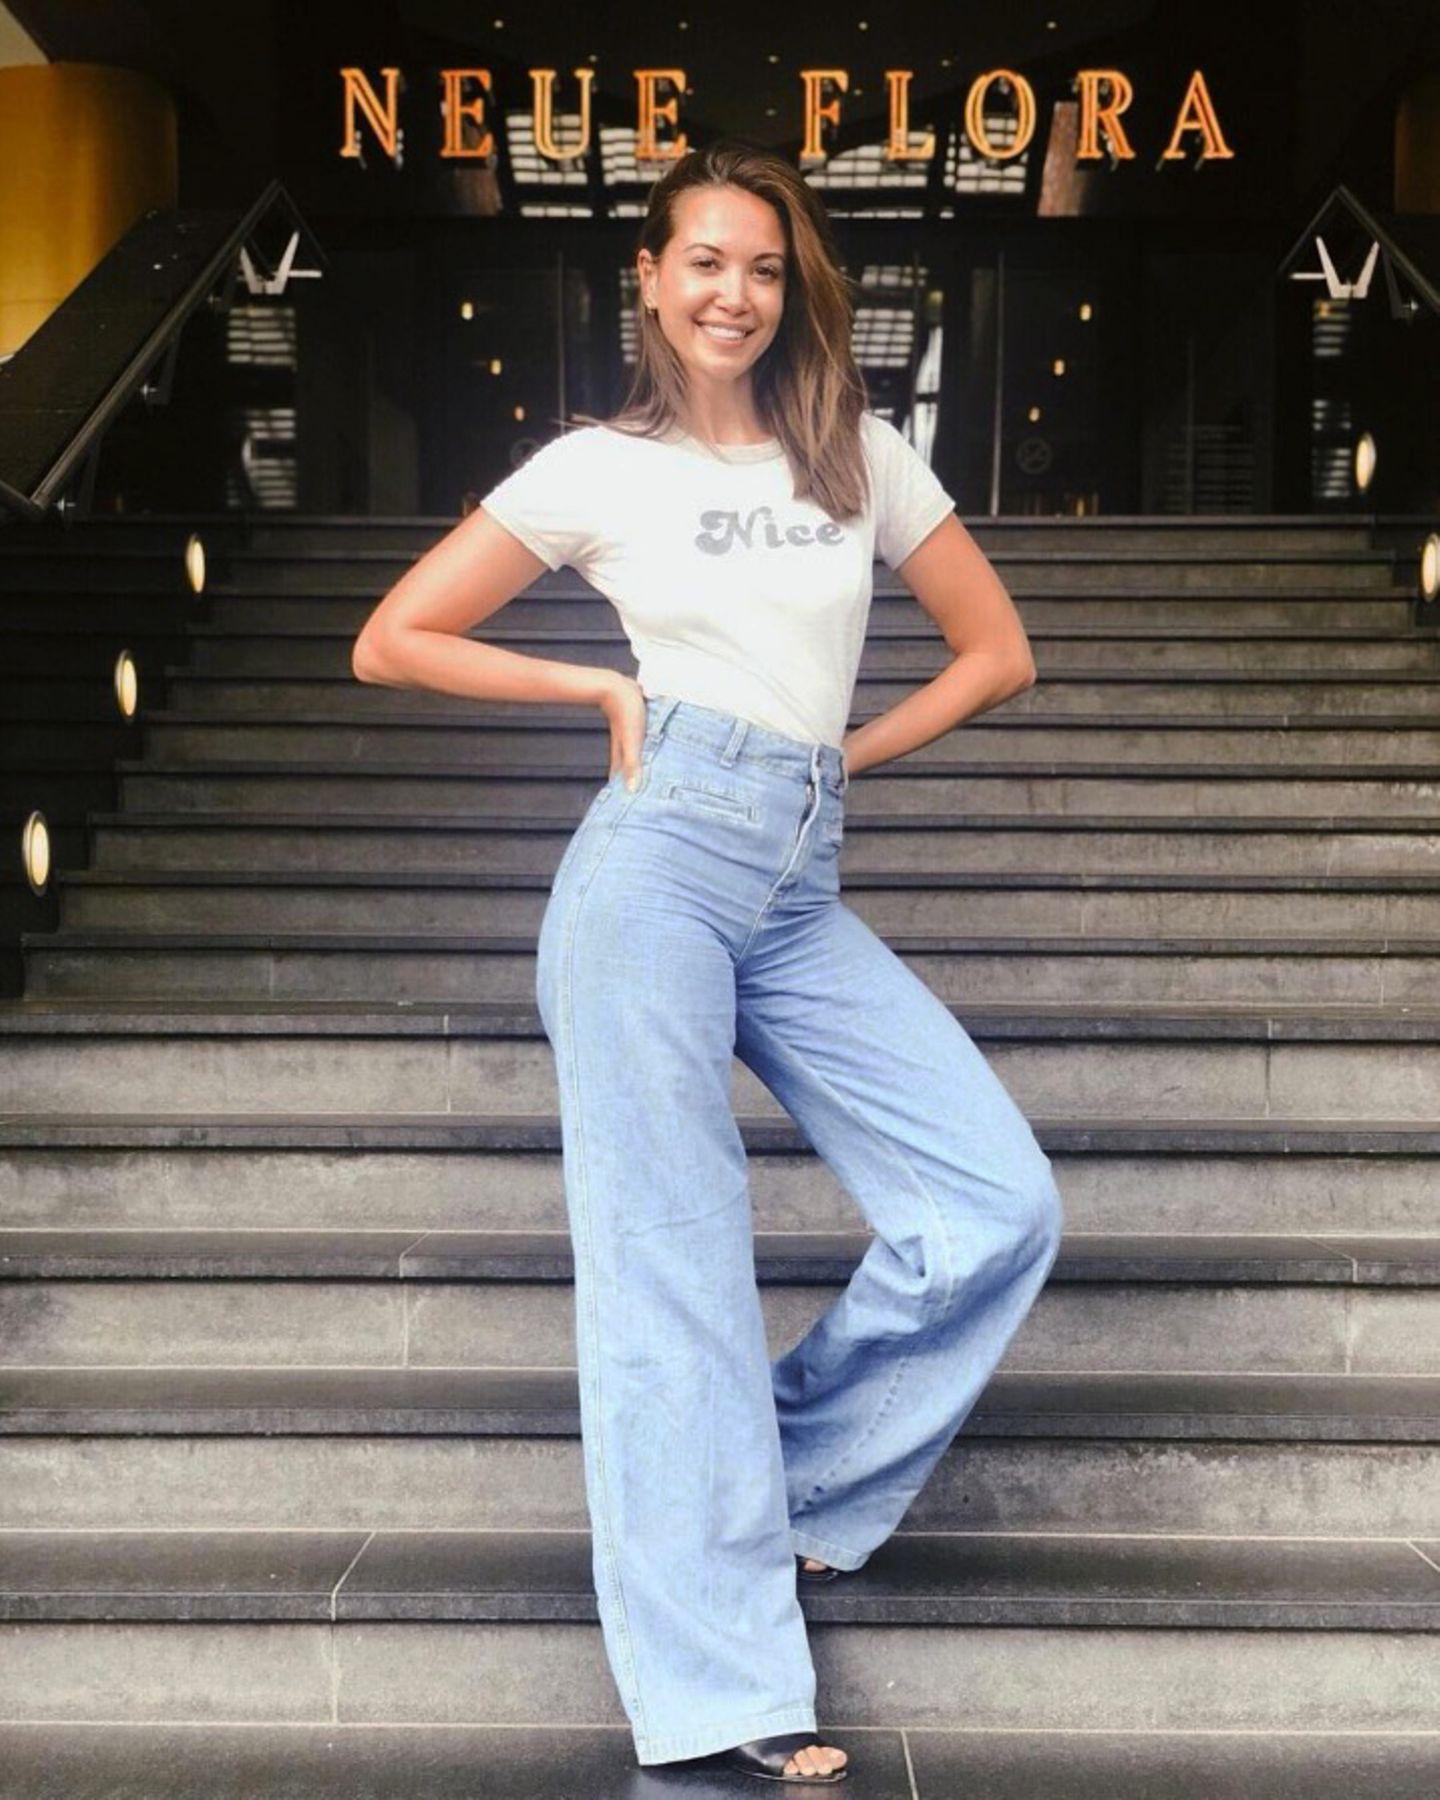 """""""Hamburg, jetzt gehöre ich erstmal dir ..."""" schreibt Grace Capristo zu diesem Foto auf Instagram. In den nächsten Wochen wird die Sängerin Prinzessin Jasmin im Musical Aladdin spielen und das findet Grace offenbar ziemlich """"nice"""" - zumindest verrät das ihr T-Shirt, welches sie mit einer High-Waist-Schlagjeans und einem tollen Lächeln kombiniert."""